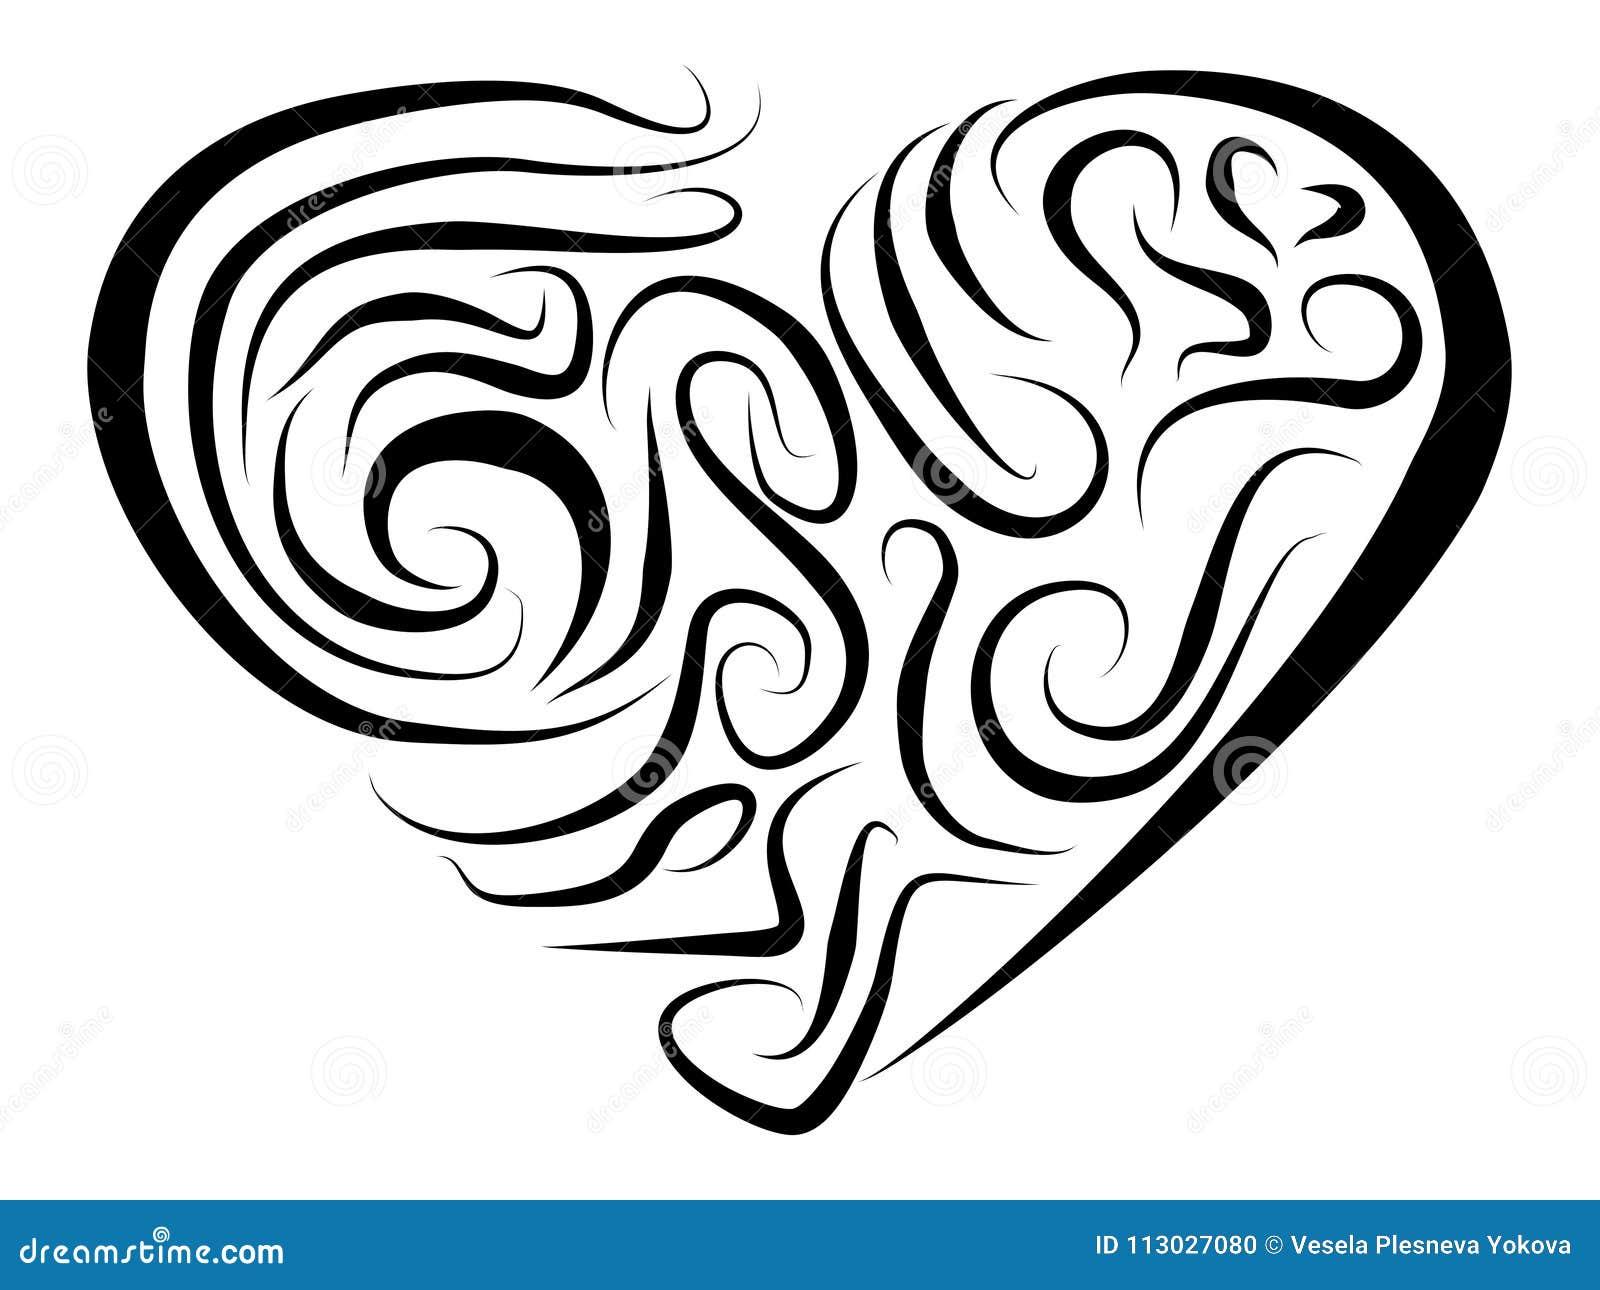 Corazón estilizado pintado con diversas líneas en un fondo blanco